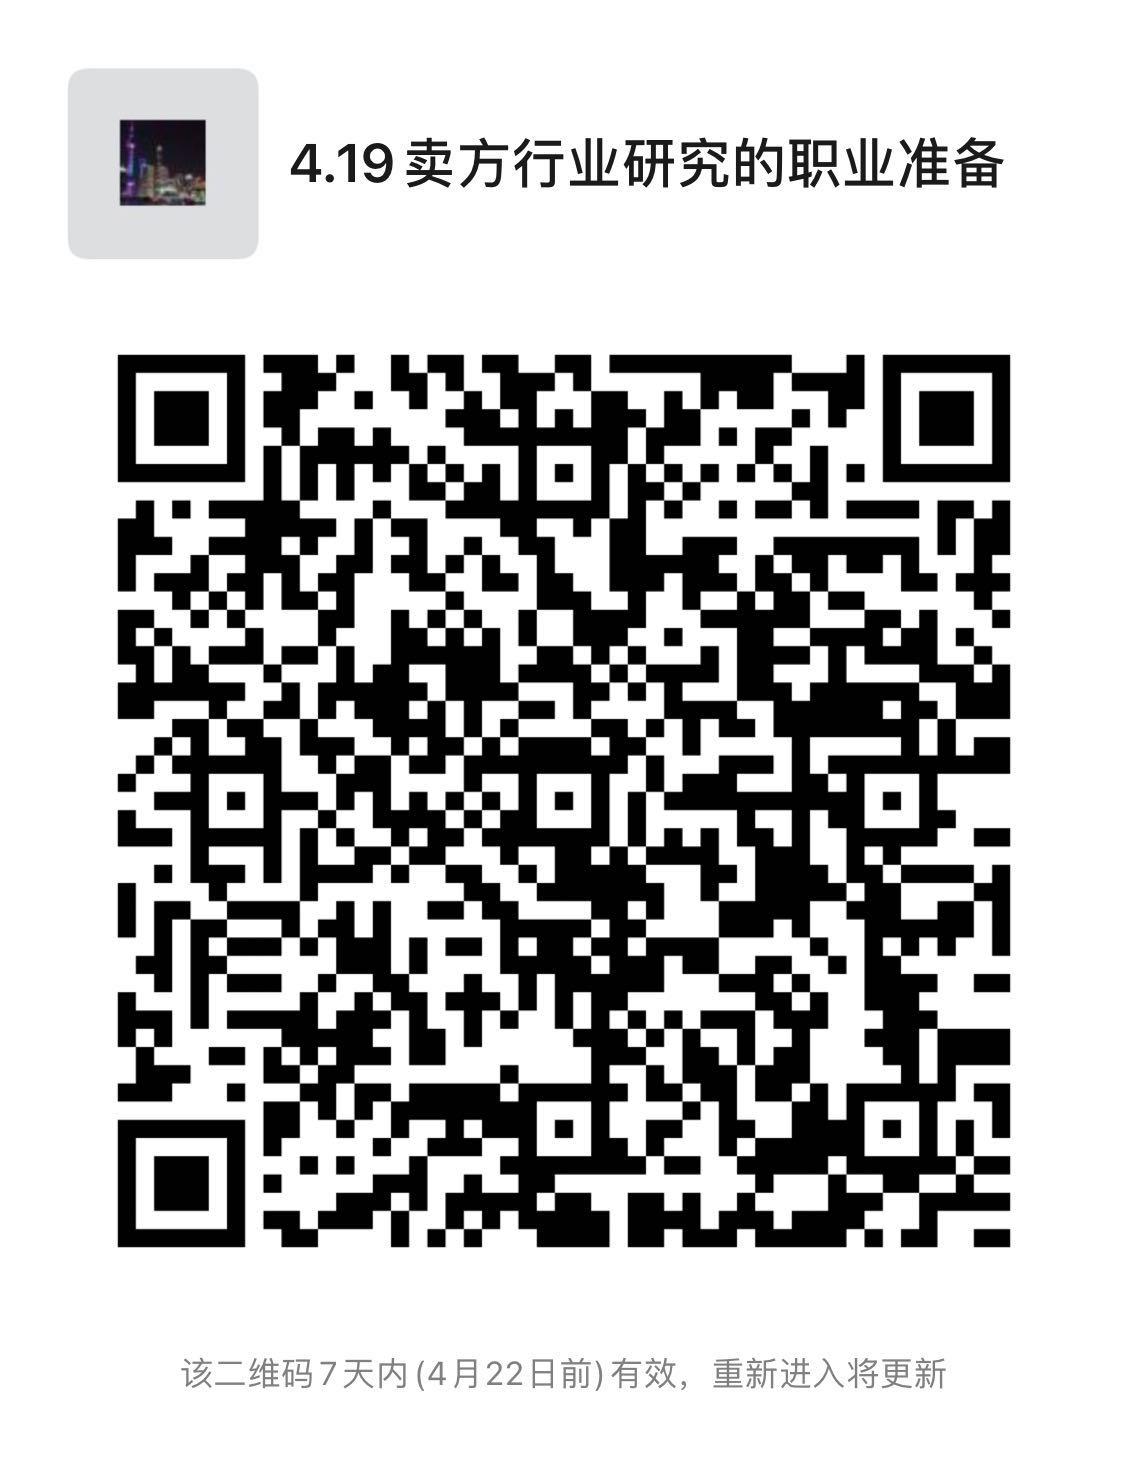 微信图片_20210415092138.jpg